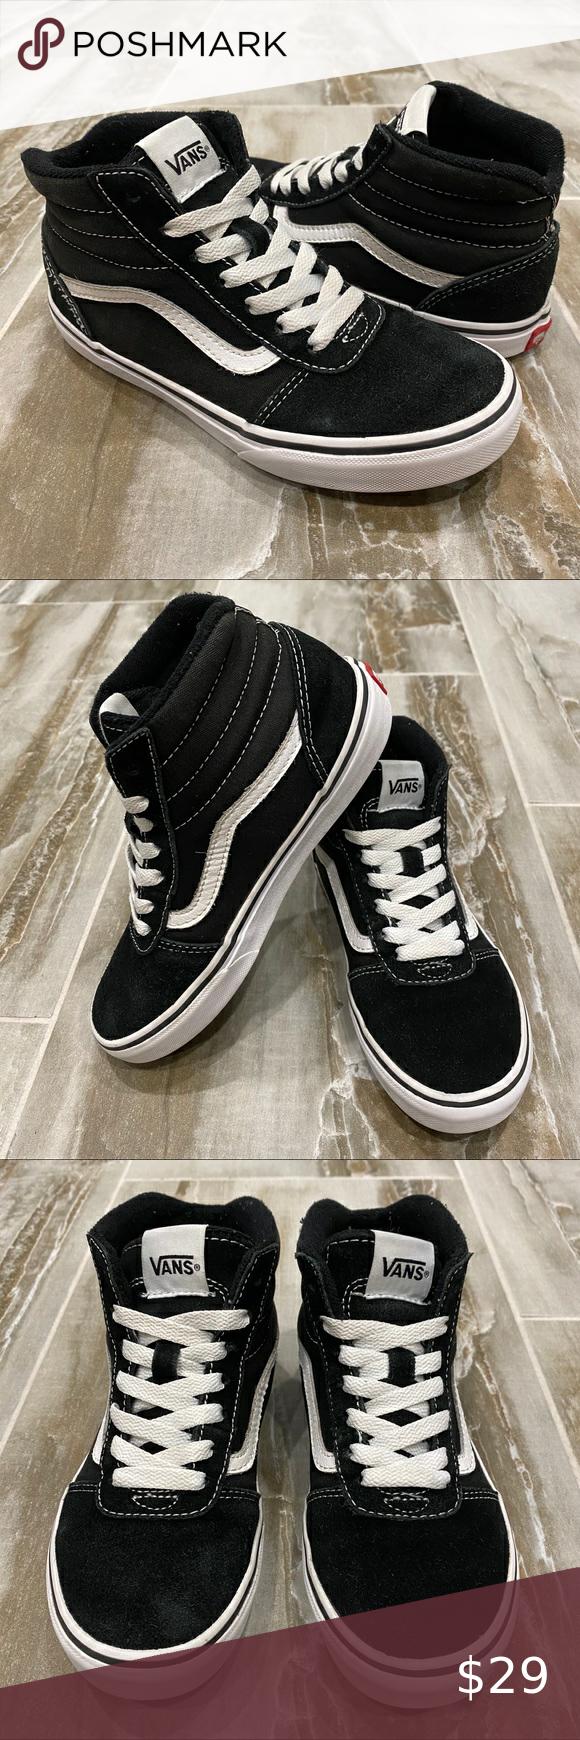 Skate shoes, Vans sk8 hi black